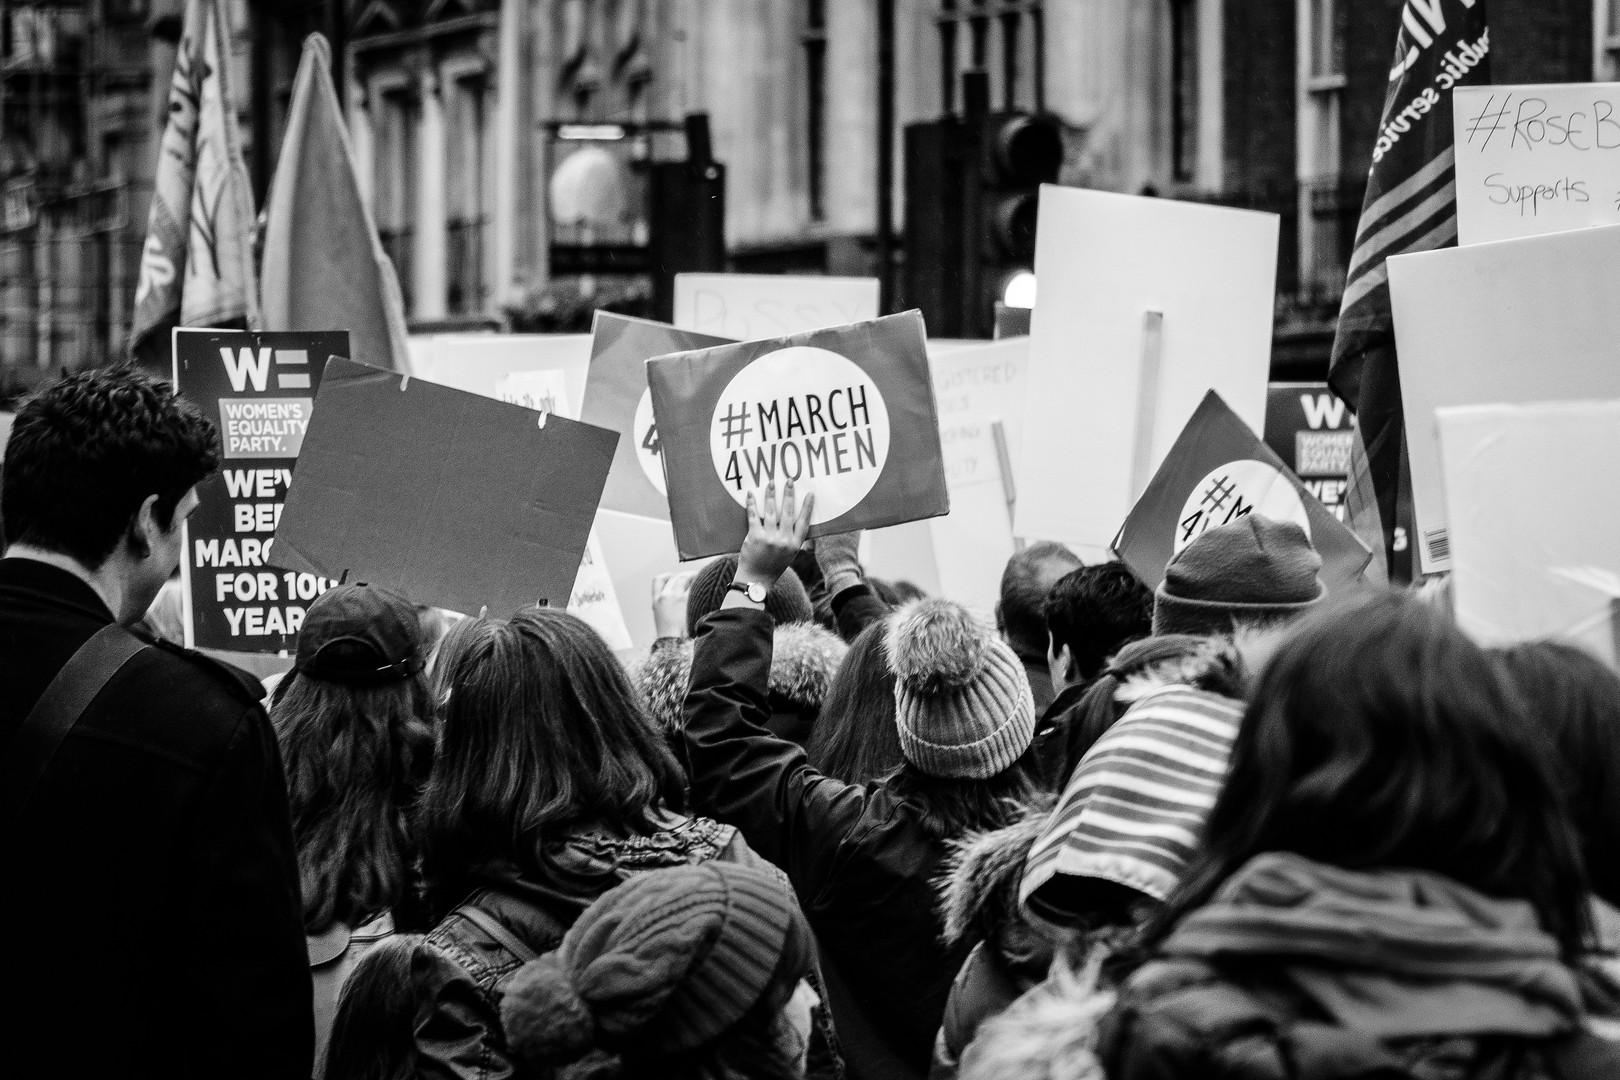 Women's March photo by Giacomo Ferroni